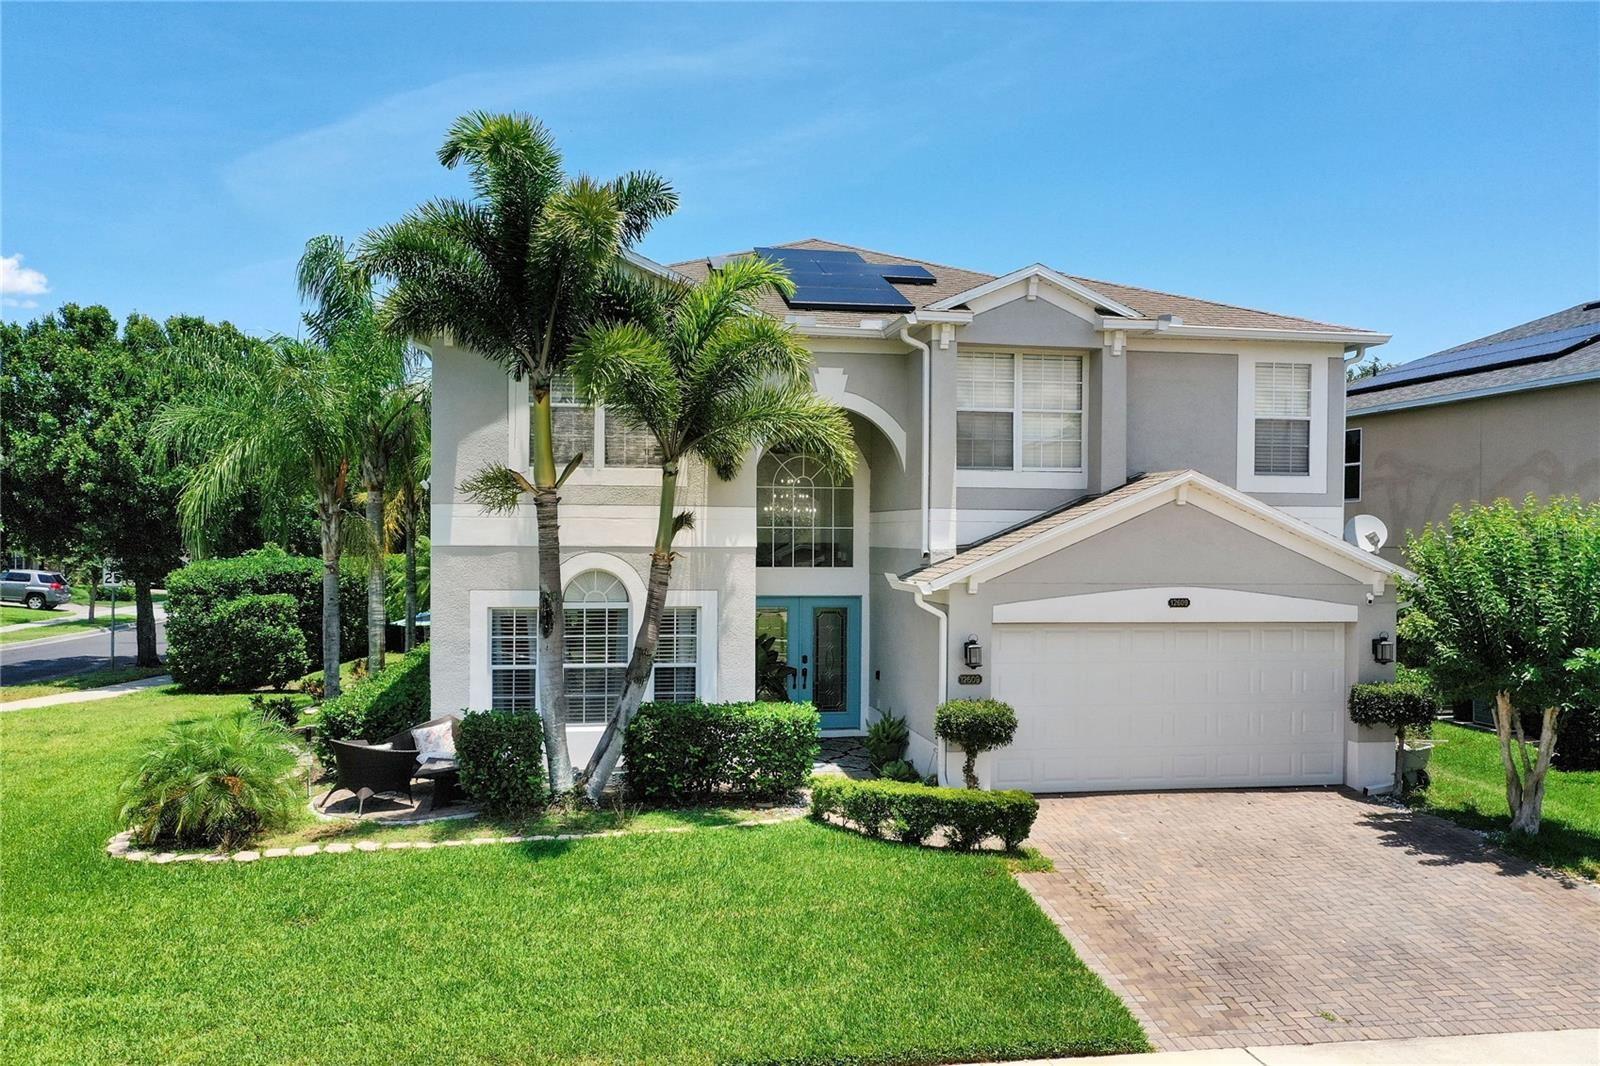 12609 WEATHERFORD WAY, Orlando, FL 32832 - #: O5948795